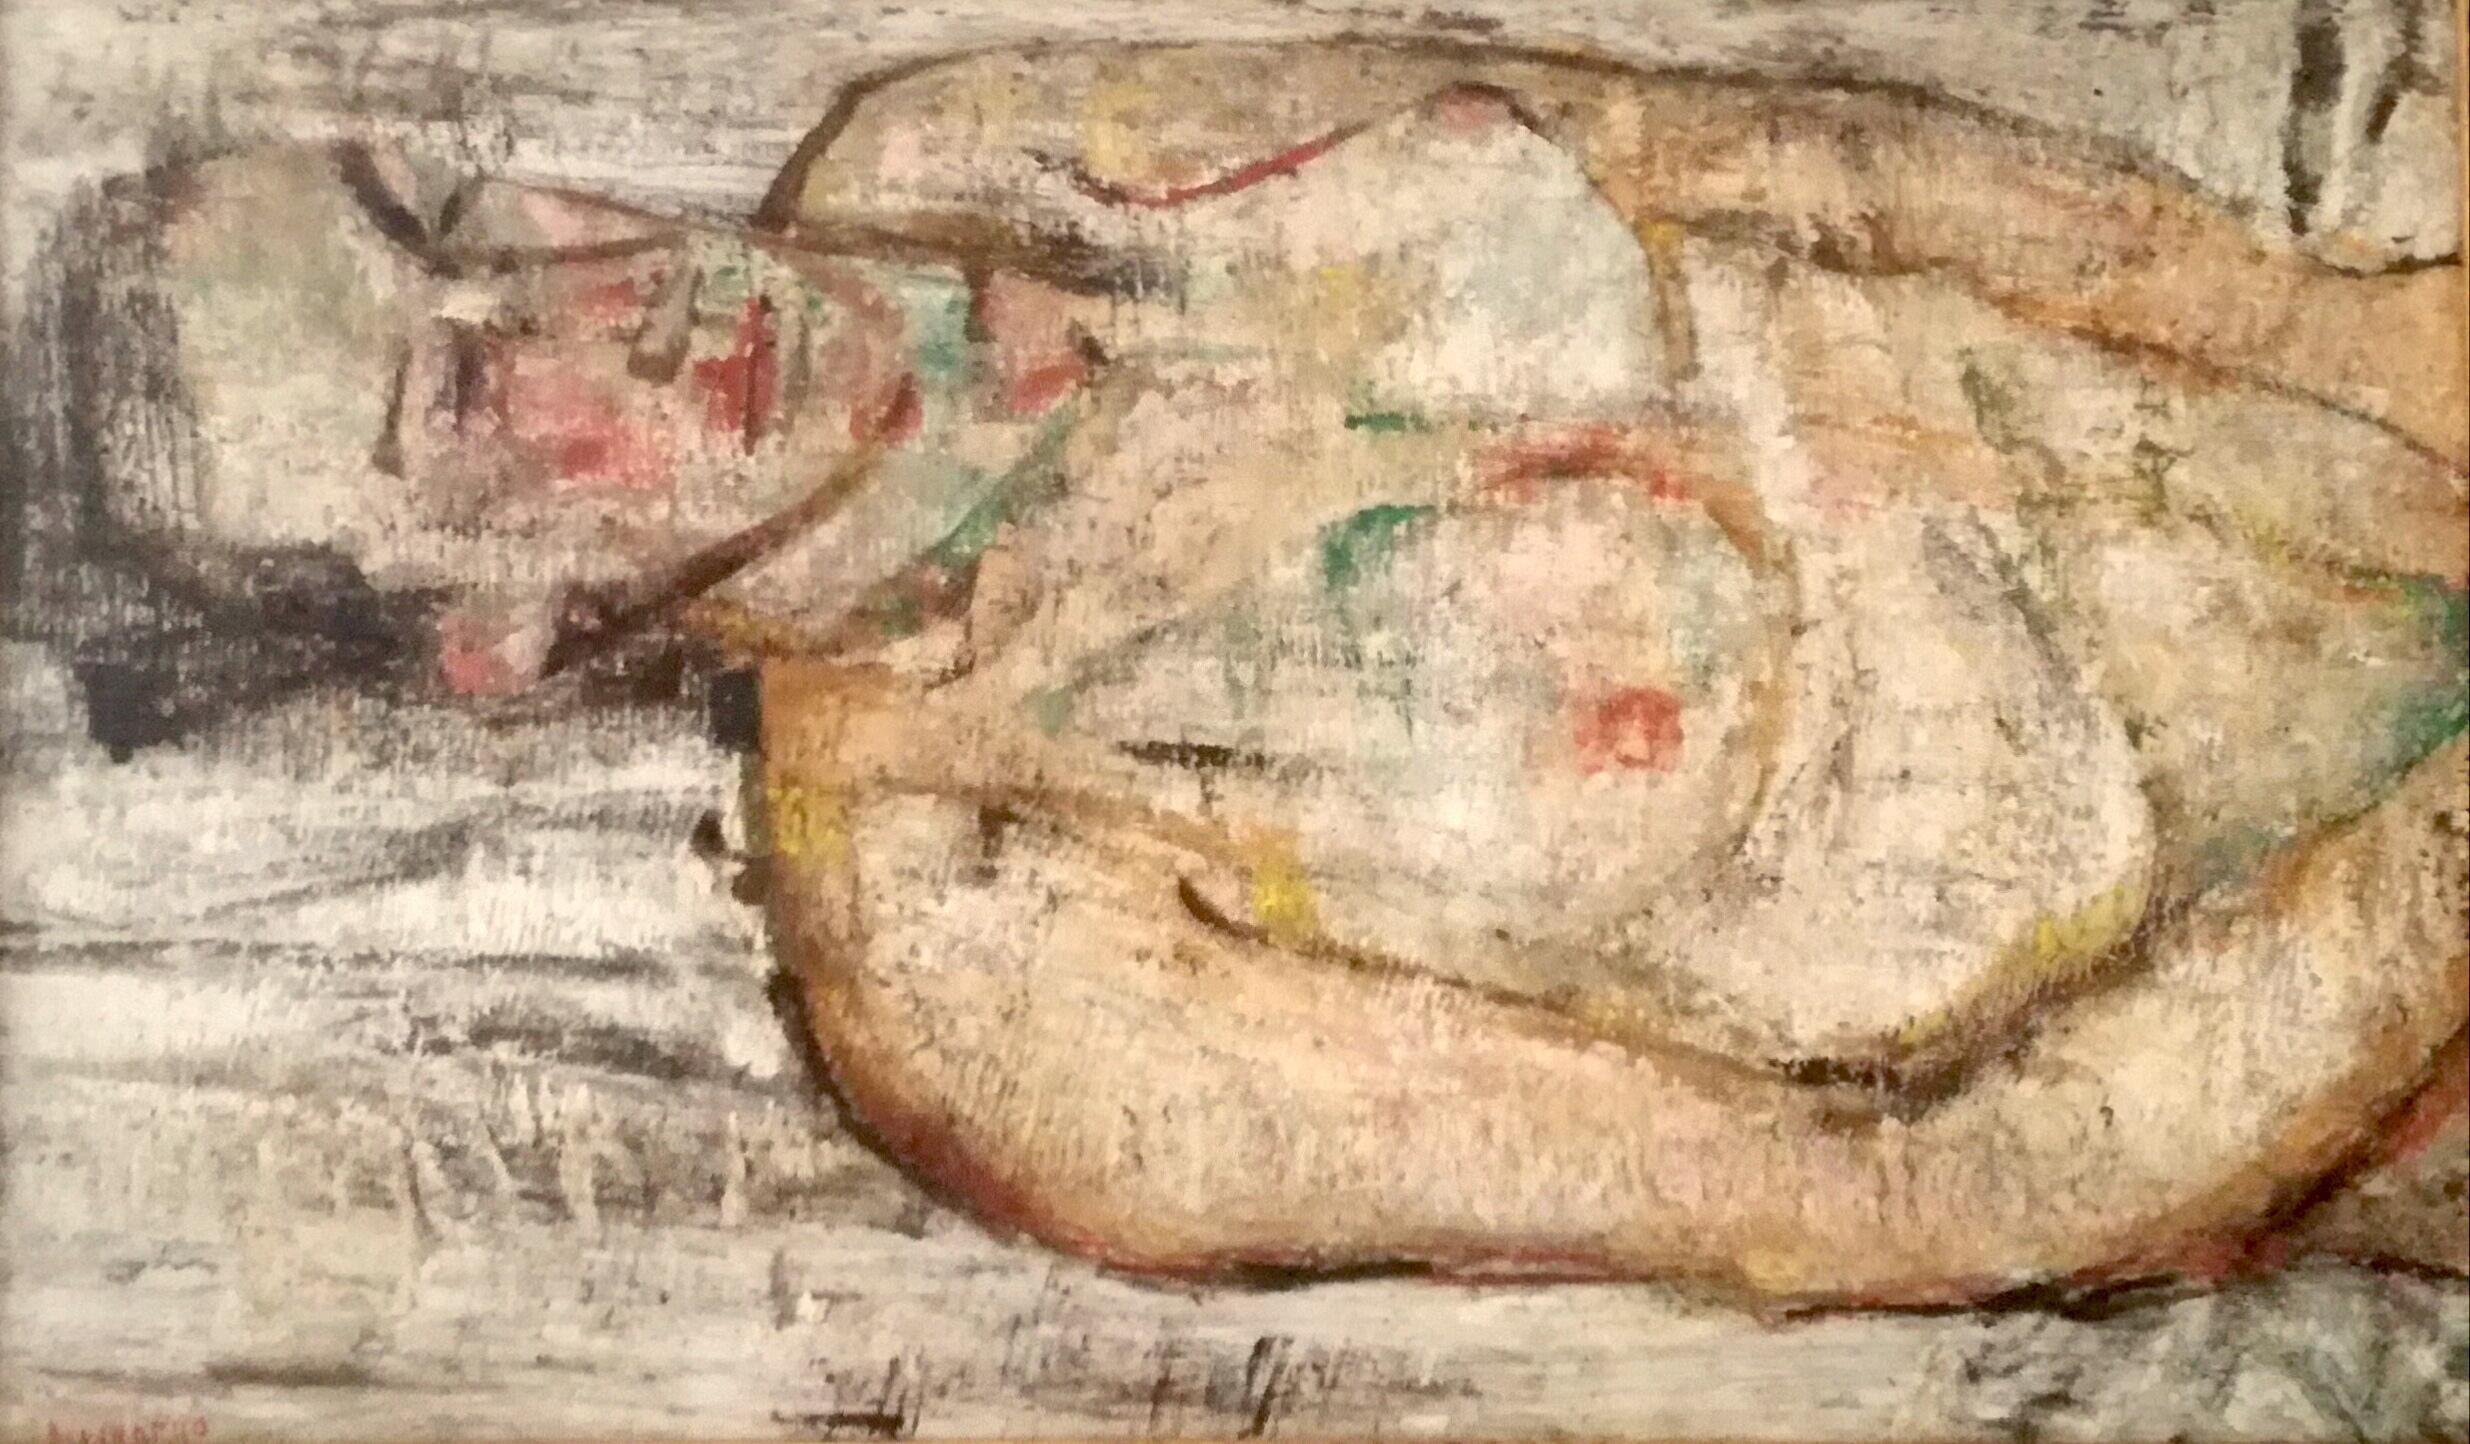 Fausto Pirandello, Nudo di donna, 1955 circa, olio su tavola